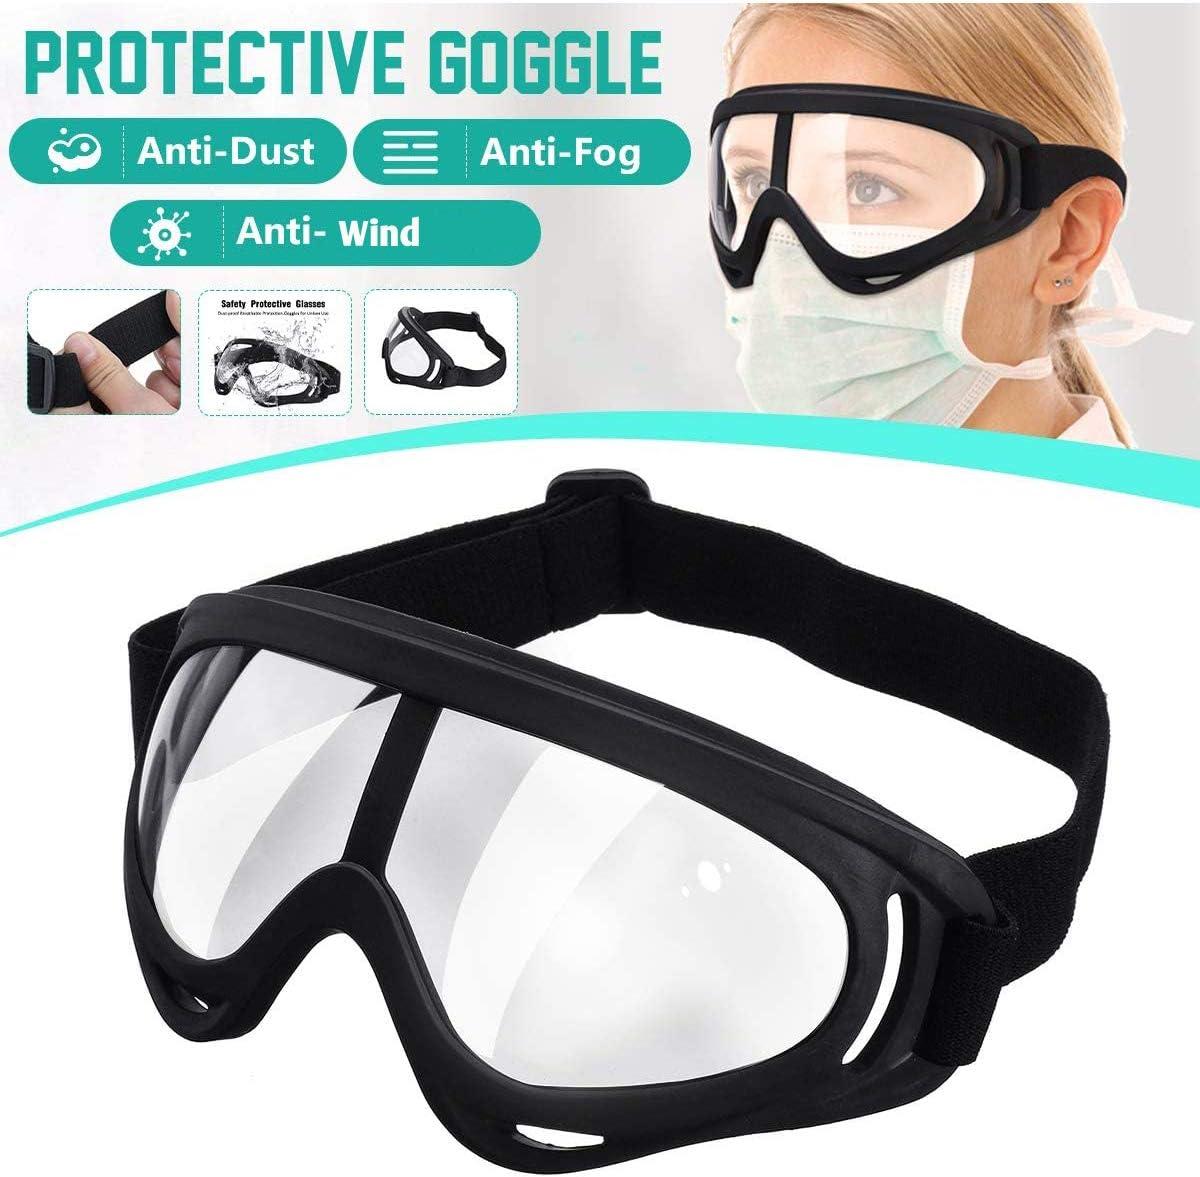 SGODDE Gafas de Seguridad, Cubregafas Protectoras, Lentes de Seguridad Antivaho, Gafas Protectoras de Seguridad de Obra Gafas Proteccion con Cinta Ajustable, Protección contra Impacto